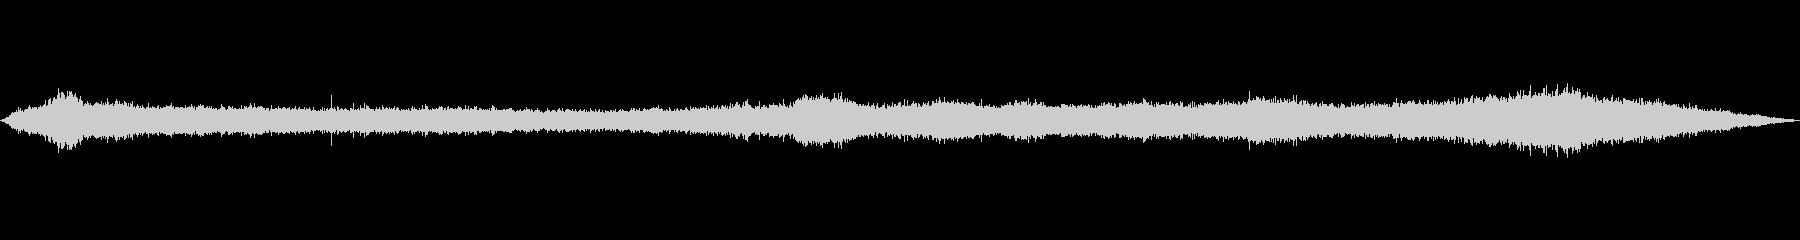 ガヤ環境音 - 交通量の多い街の雰囲気の未再生の波形